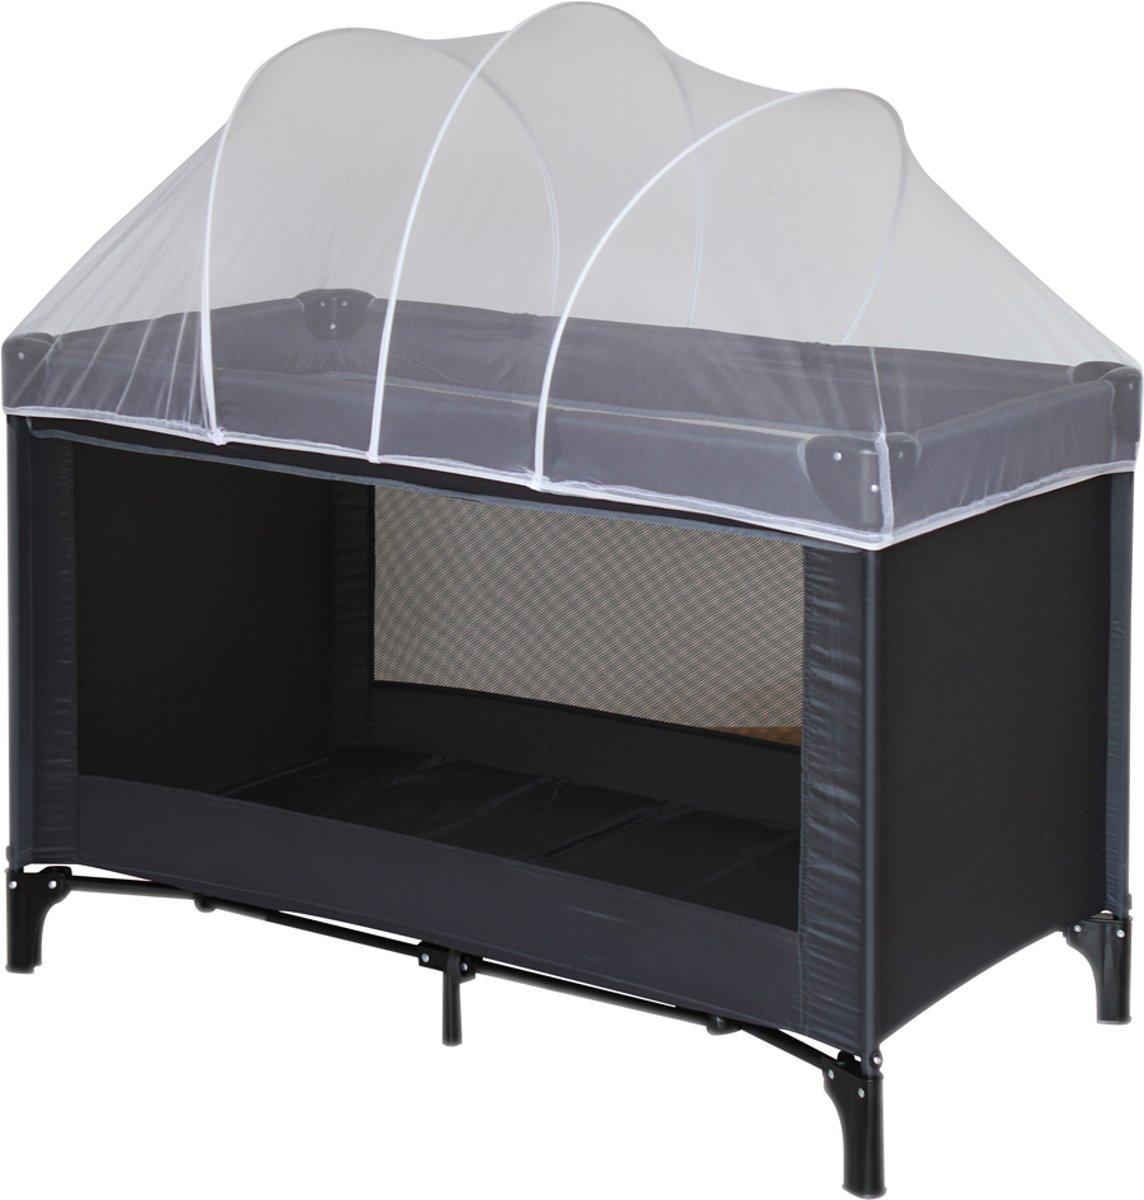 Nattou Muskietennet voor reisbedje campingbedje met bogen - 120 x 60 cm